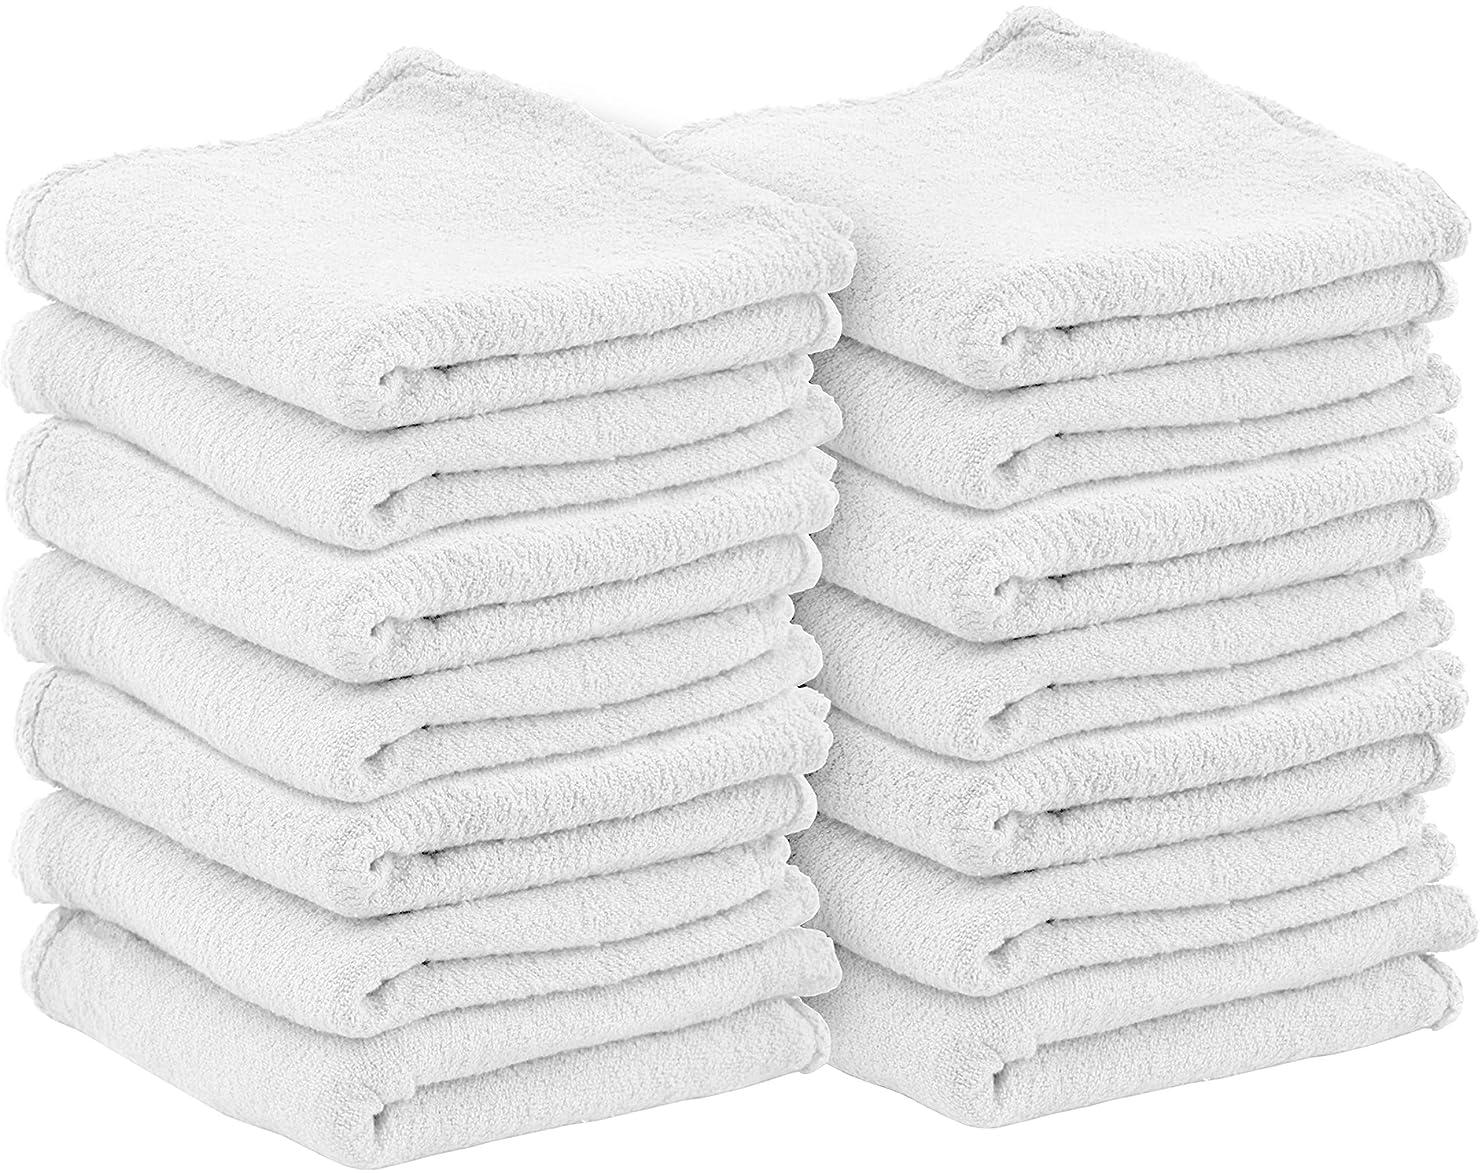 給料中思春期のUtopia Towels 自動車修理工ショップタオル {100枚パック 33.02 X 33.02Cm (13 X 13インチ)} 業務用 洗濯機洗い可 コットンハンドタオル 糸くずの出ない白いショップラグ ? 自動車修理作業とバーモップに最適 Utopia Towel ホワイト